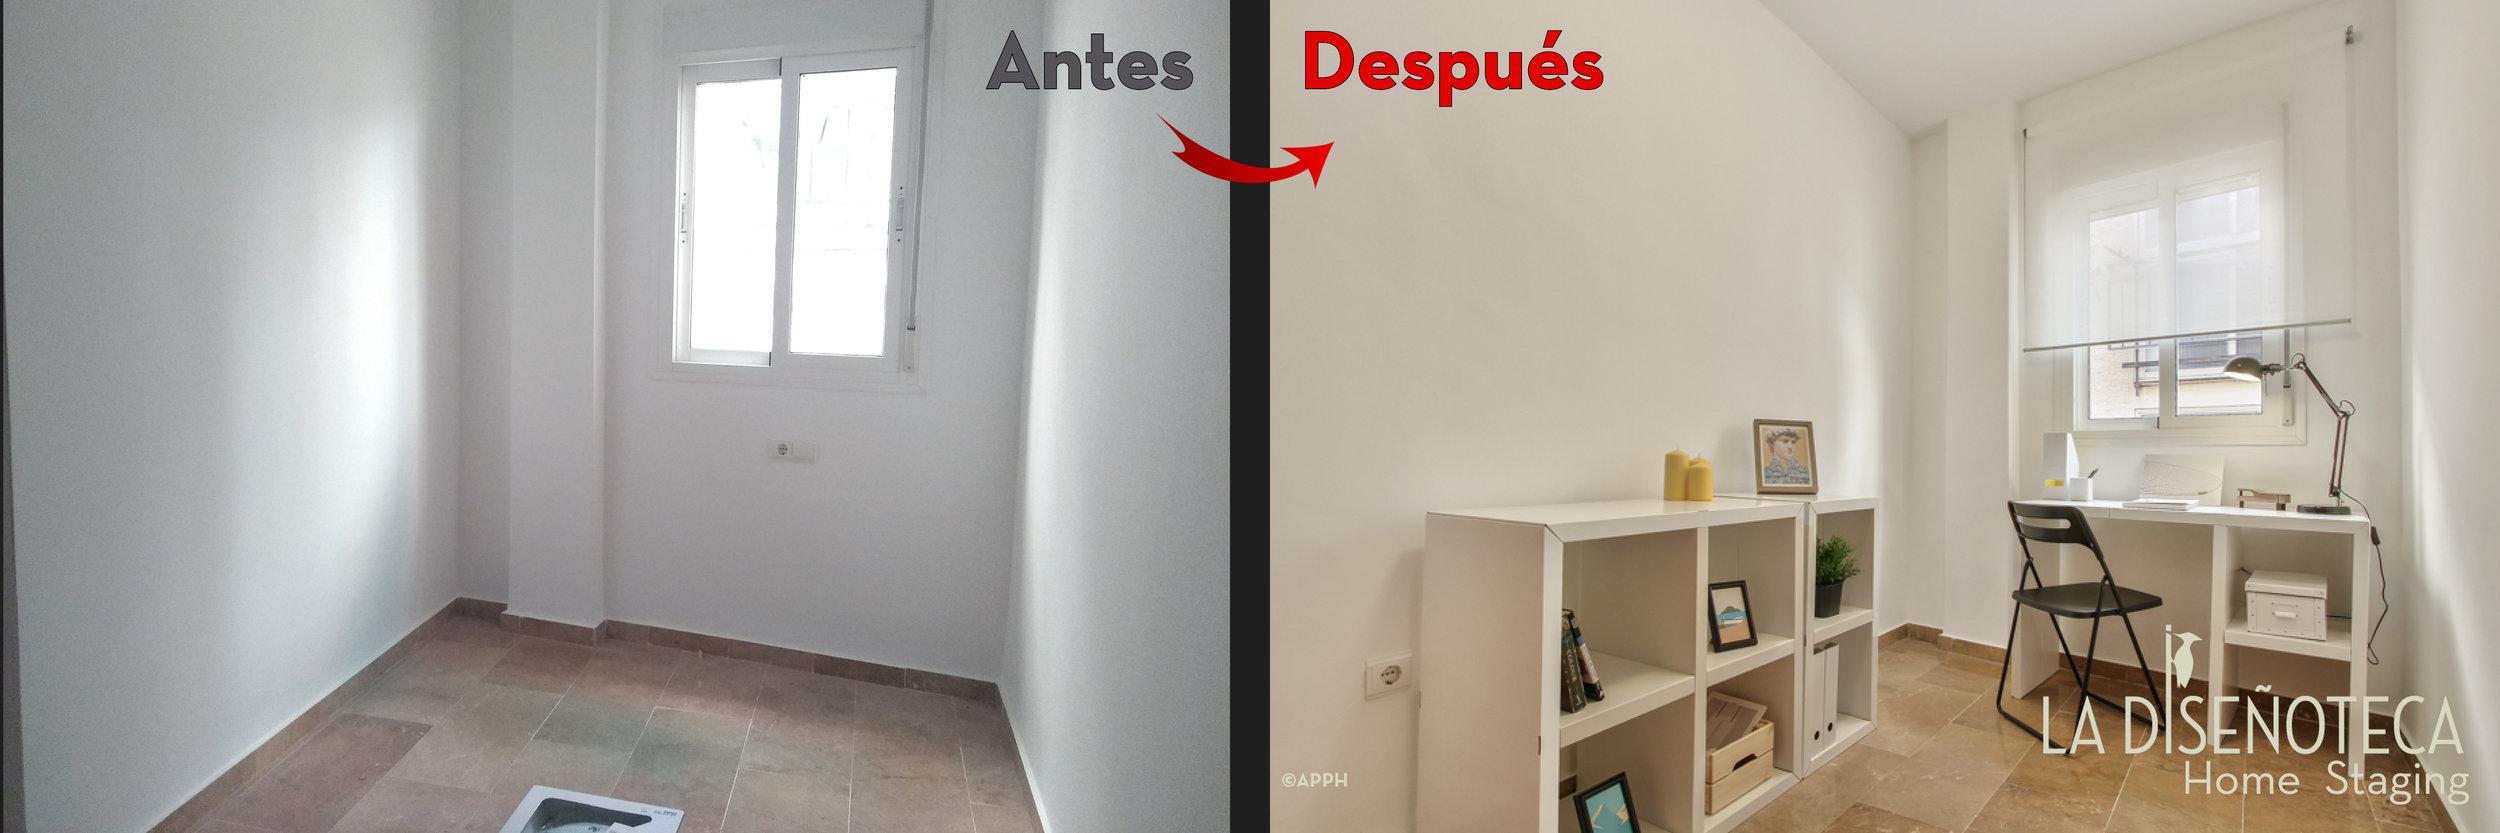 AntesyDespues Duque_4.jpg